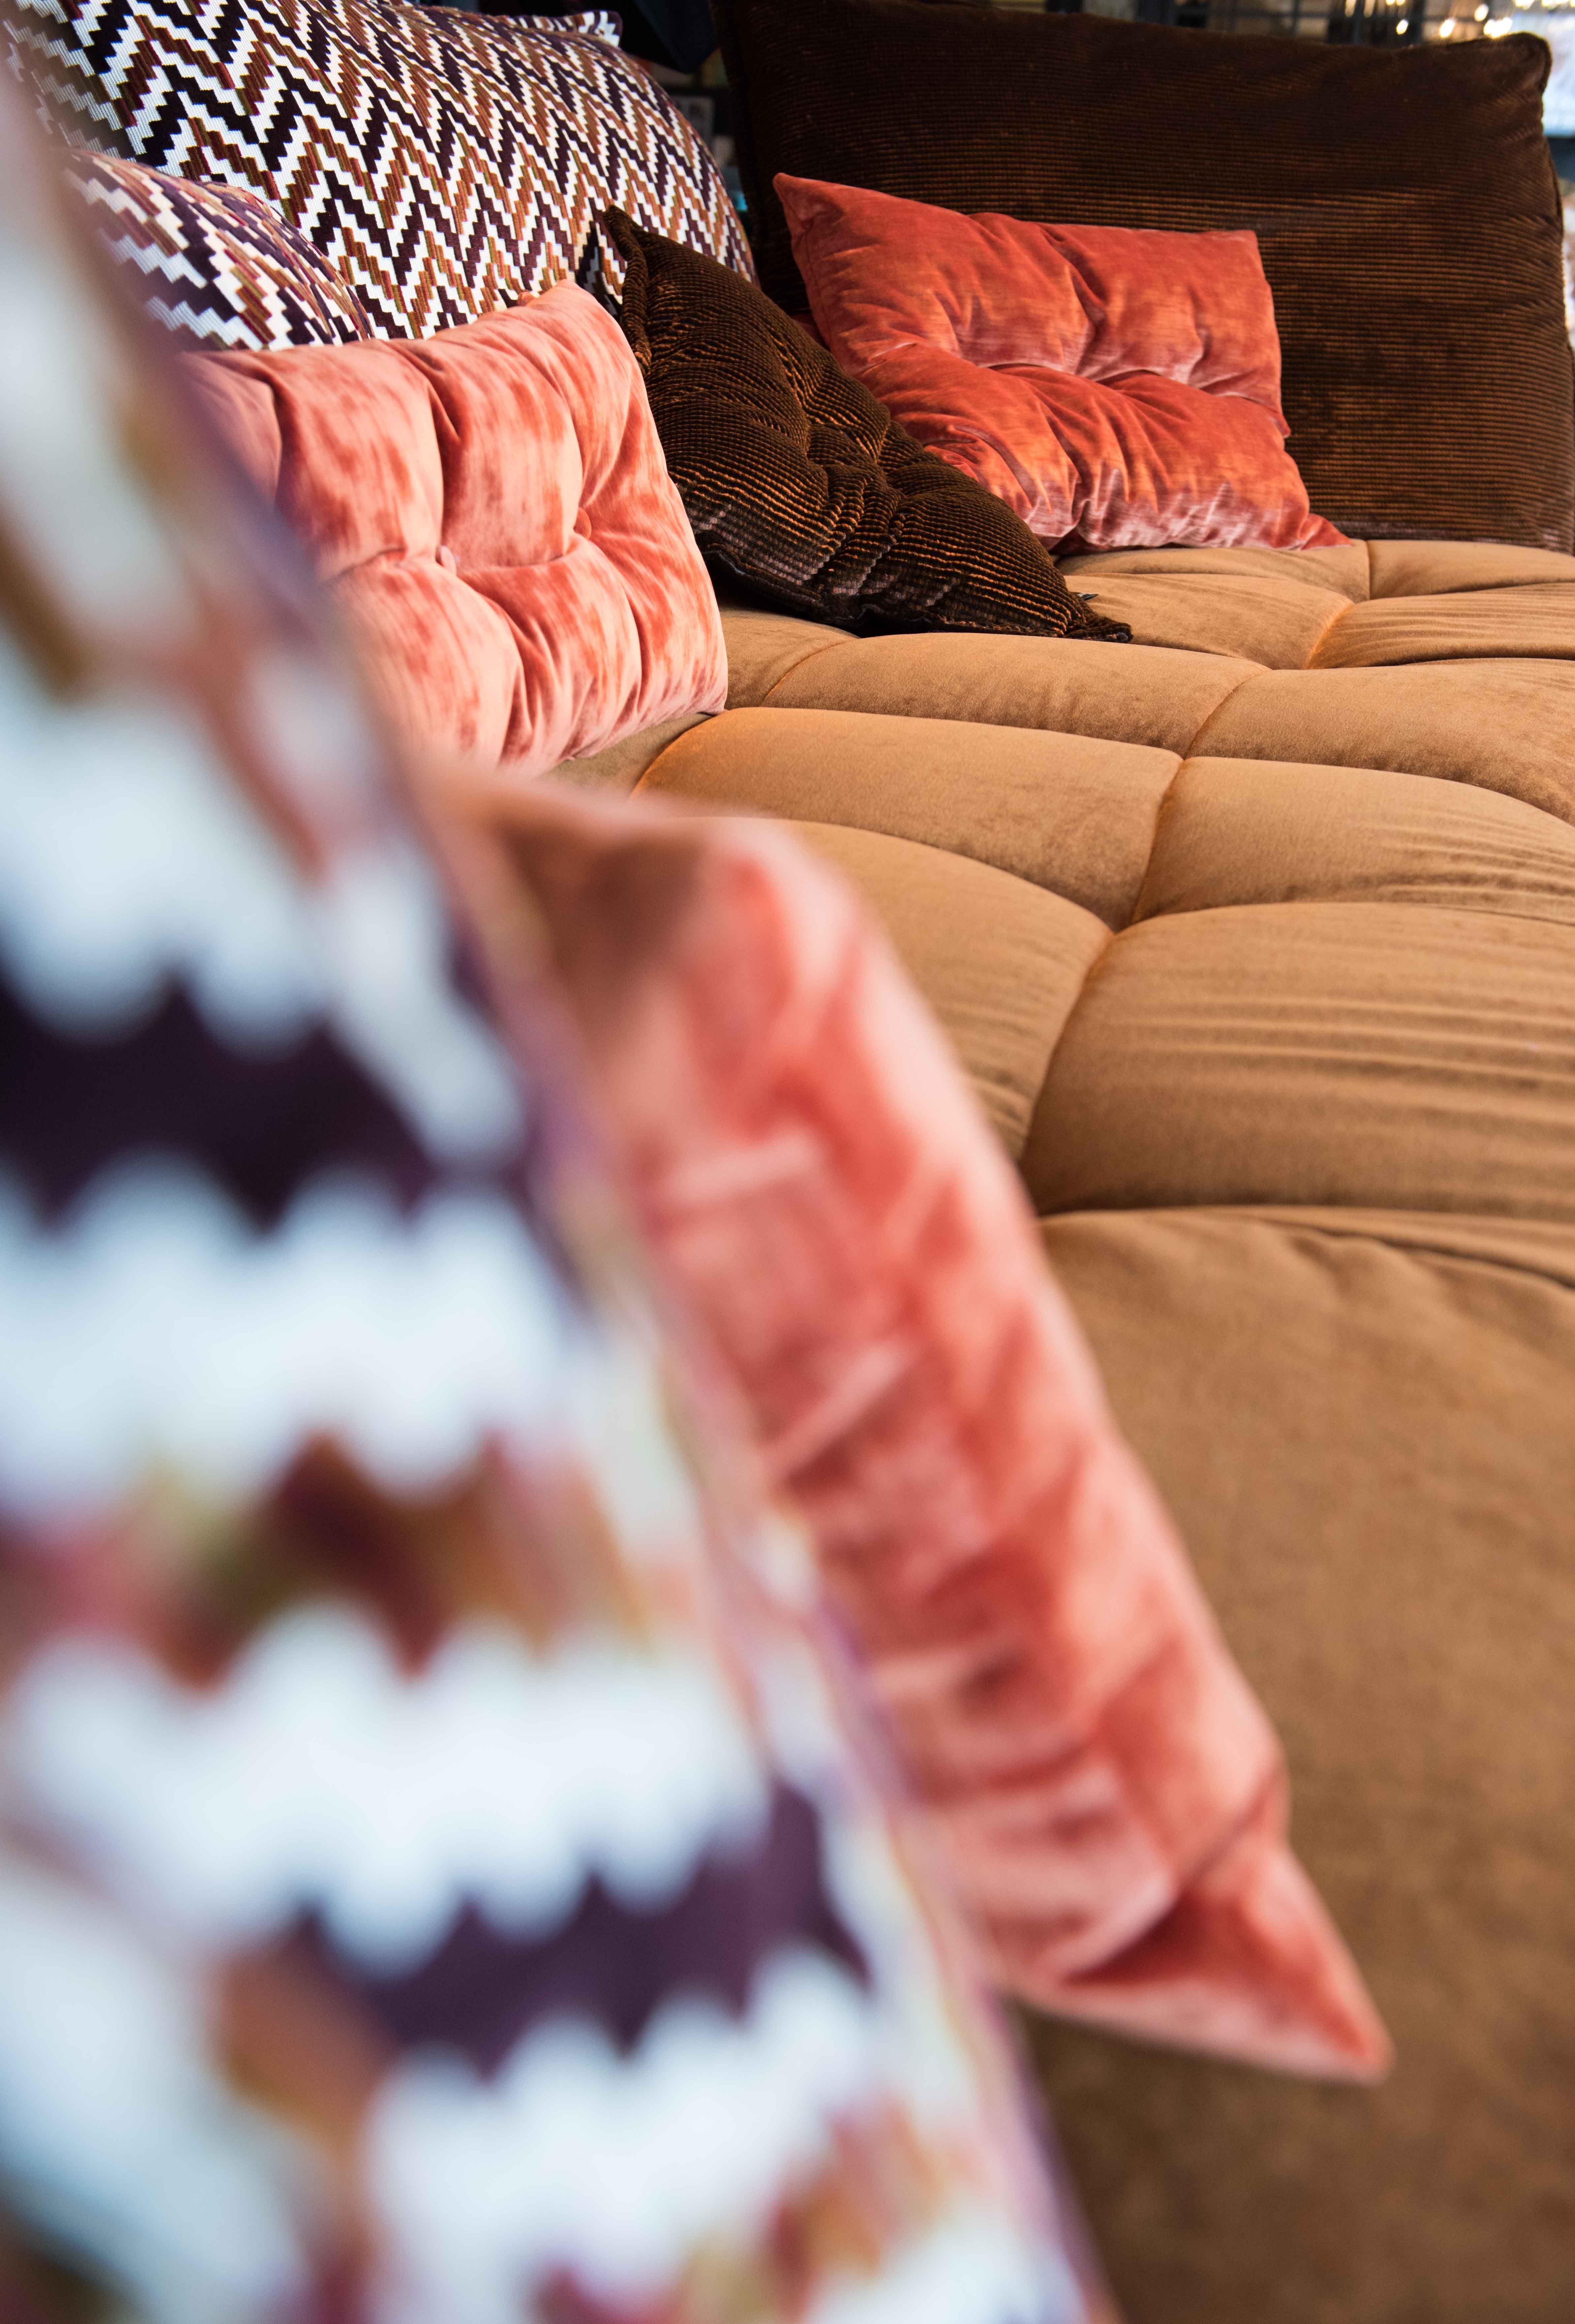 Pin by mutoni möbel on Sofas von Bretz | Pinterest